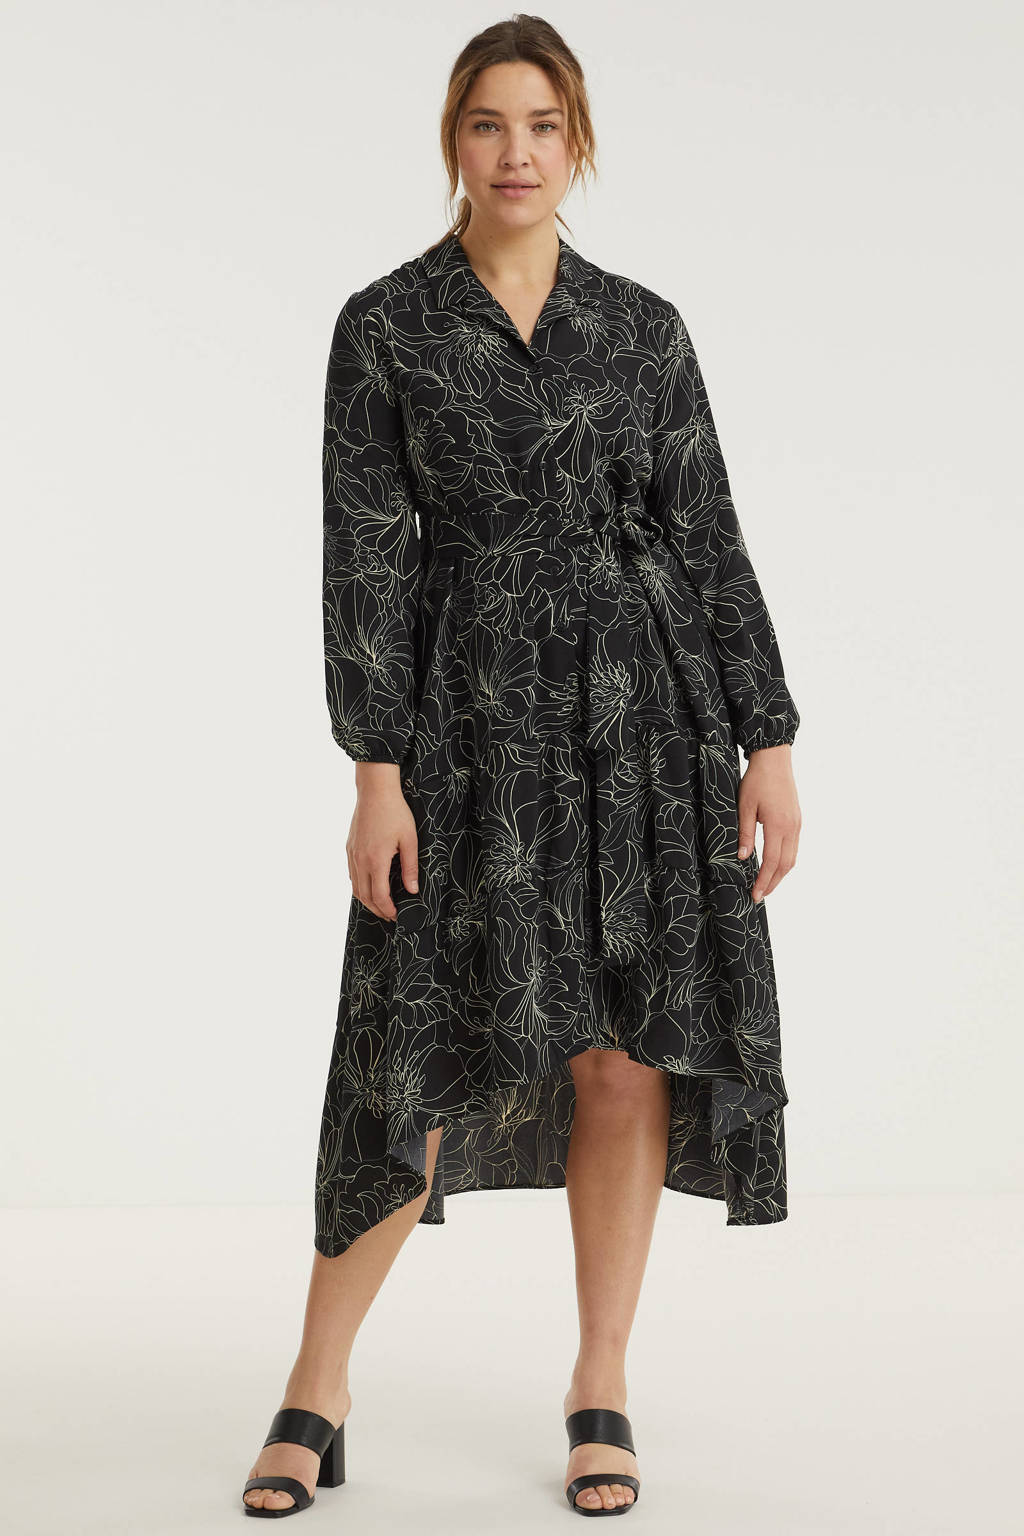 Simply Be gebloemde jurk zwart/wit, Zwart/wit